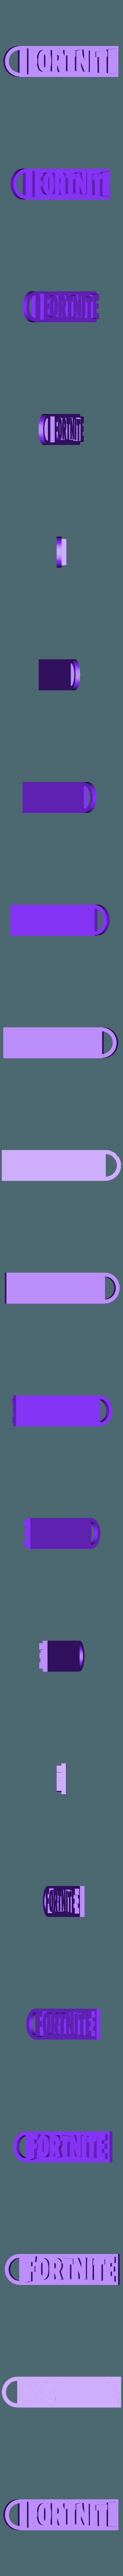 Fortnite.stl Télécharger fichier STL Porte-clés Fortnite • Modèle pour impression 3D, 3DPrintingGurus